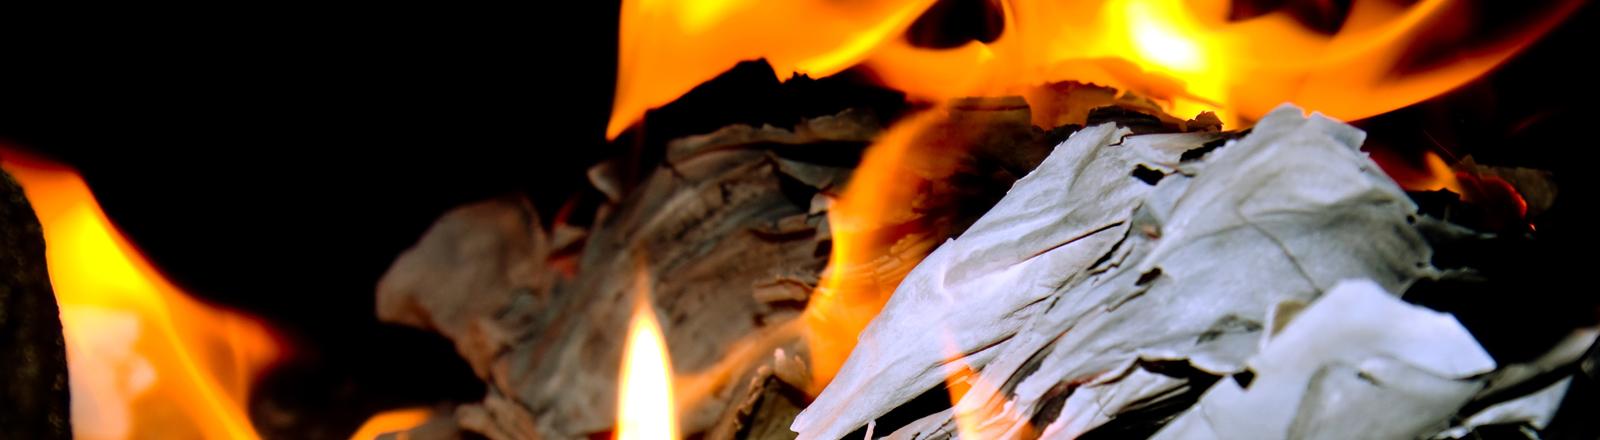 Papier verbrennt im Feuer